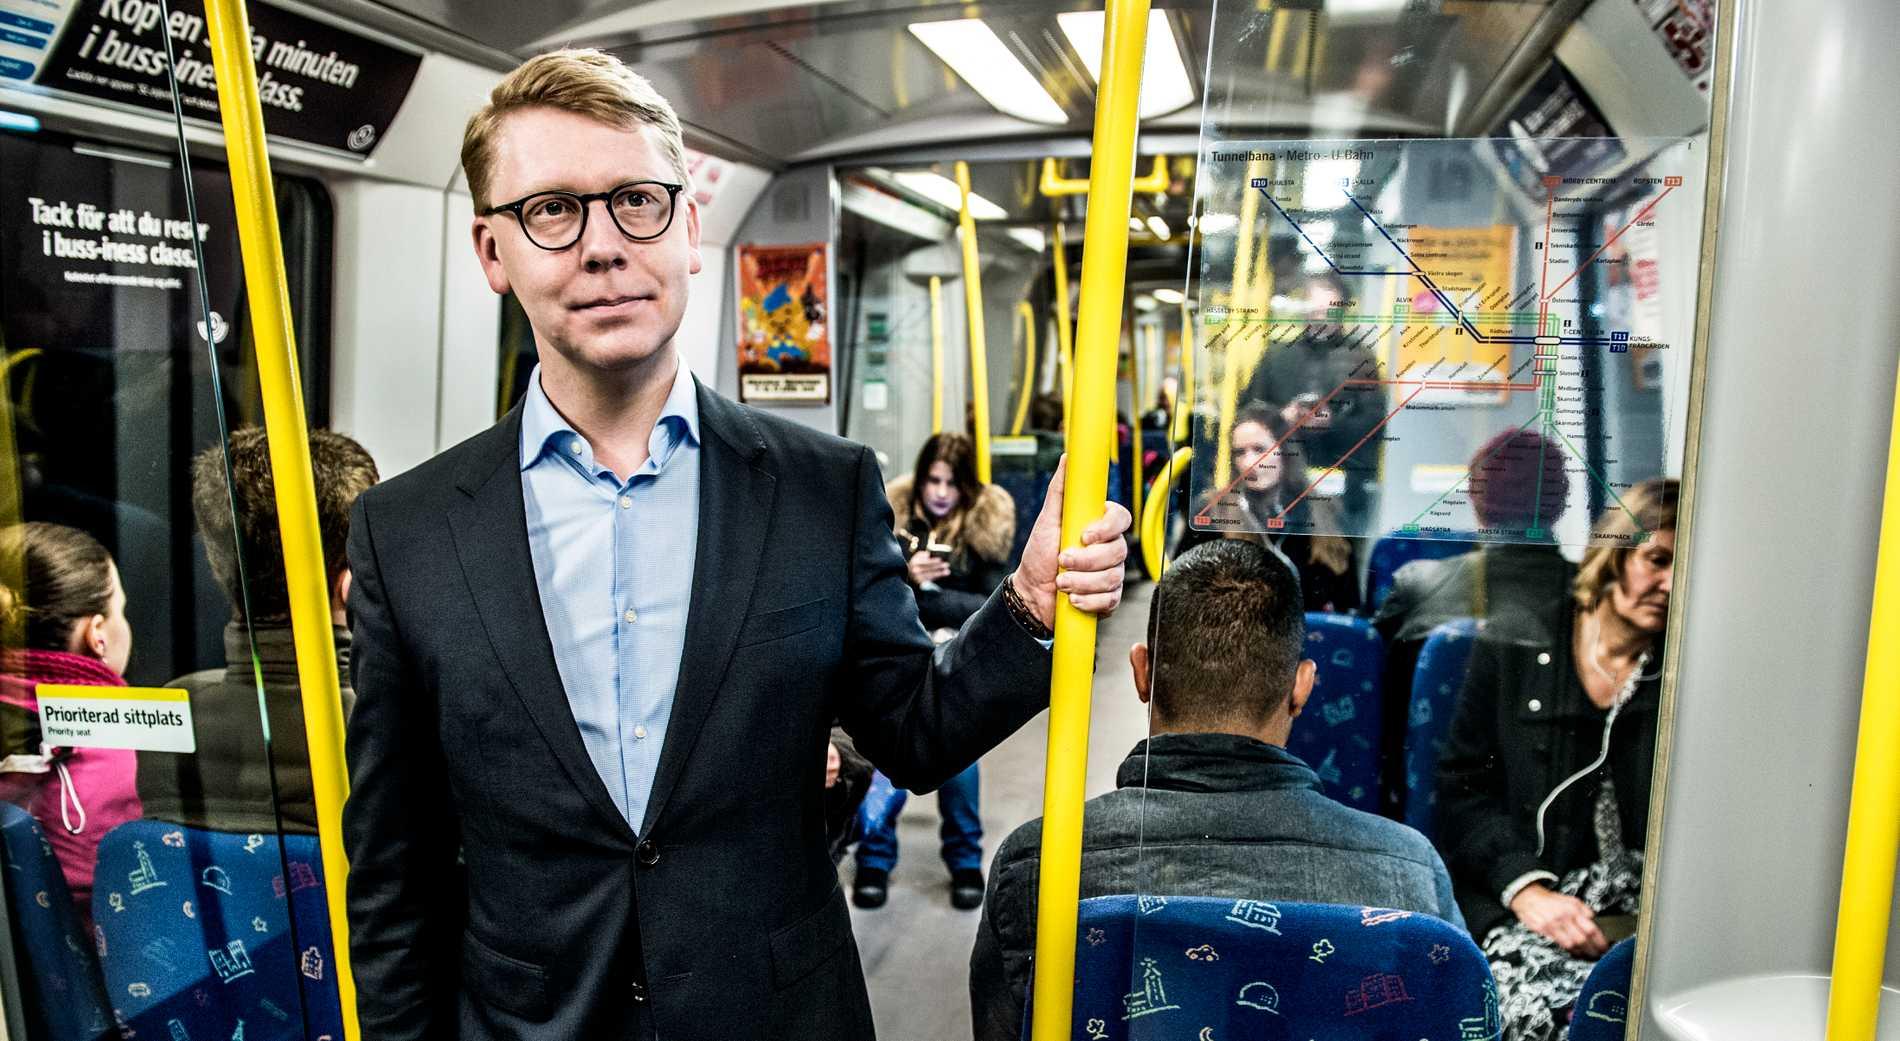 """En busschaufför blev smygfotad när han bad på sin rast. Trafiklandstingsrådet i Stockholm, Kristoffer Tamsons (M), krävde genast en utredning av chaufförens agerande, som han kallade """"helt uppåt väggarna""""."""